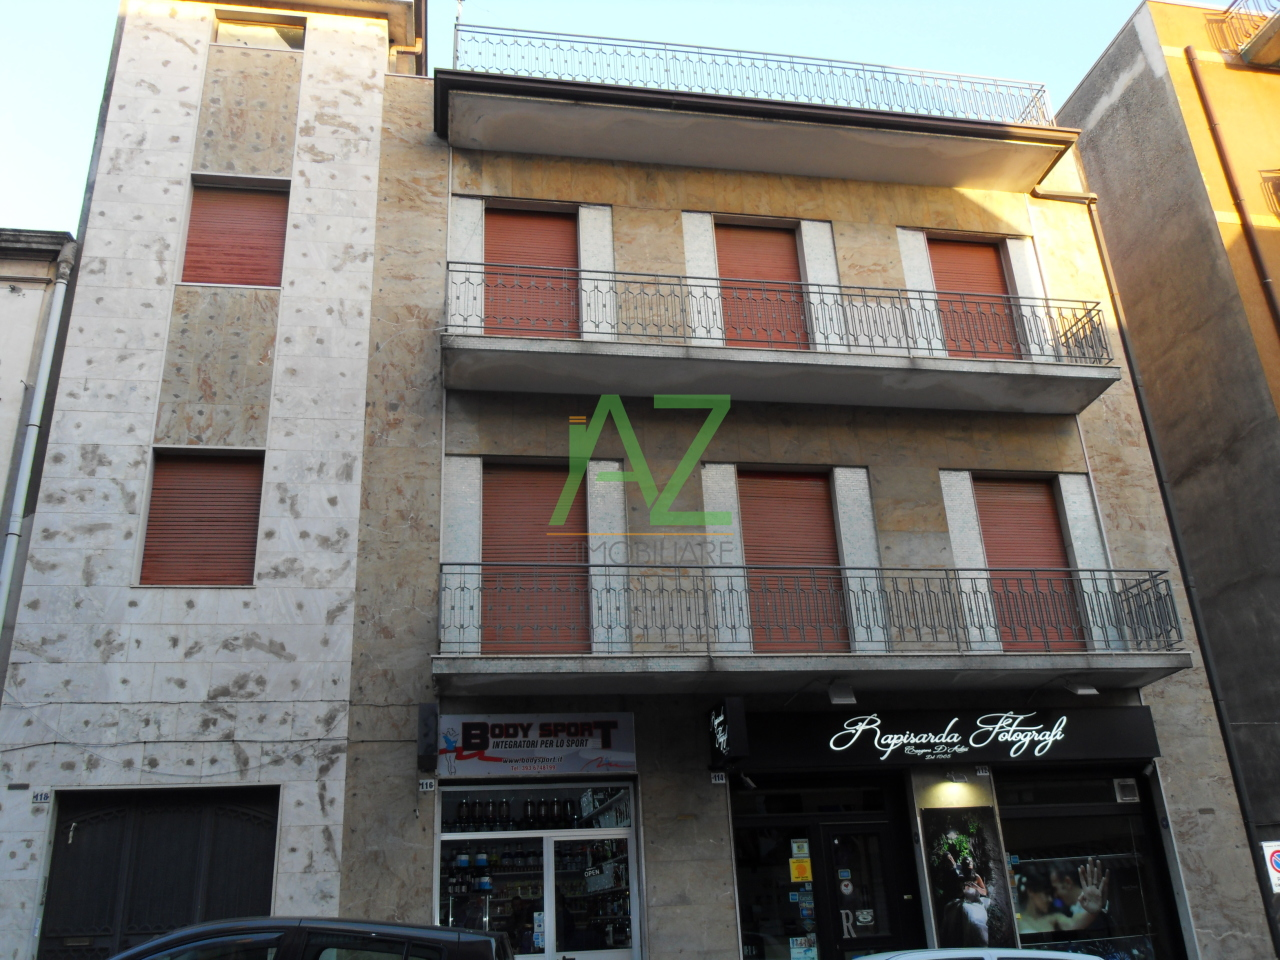 Appartamento in affitto a Belpasso, 3 locali, prezzo € 450 | Cambio Casa.it